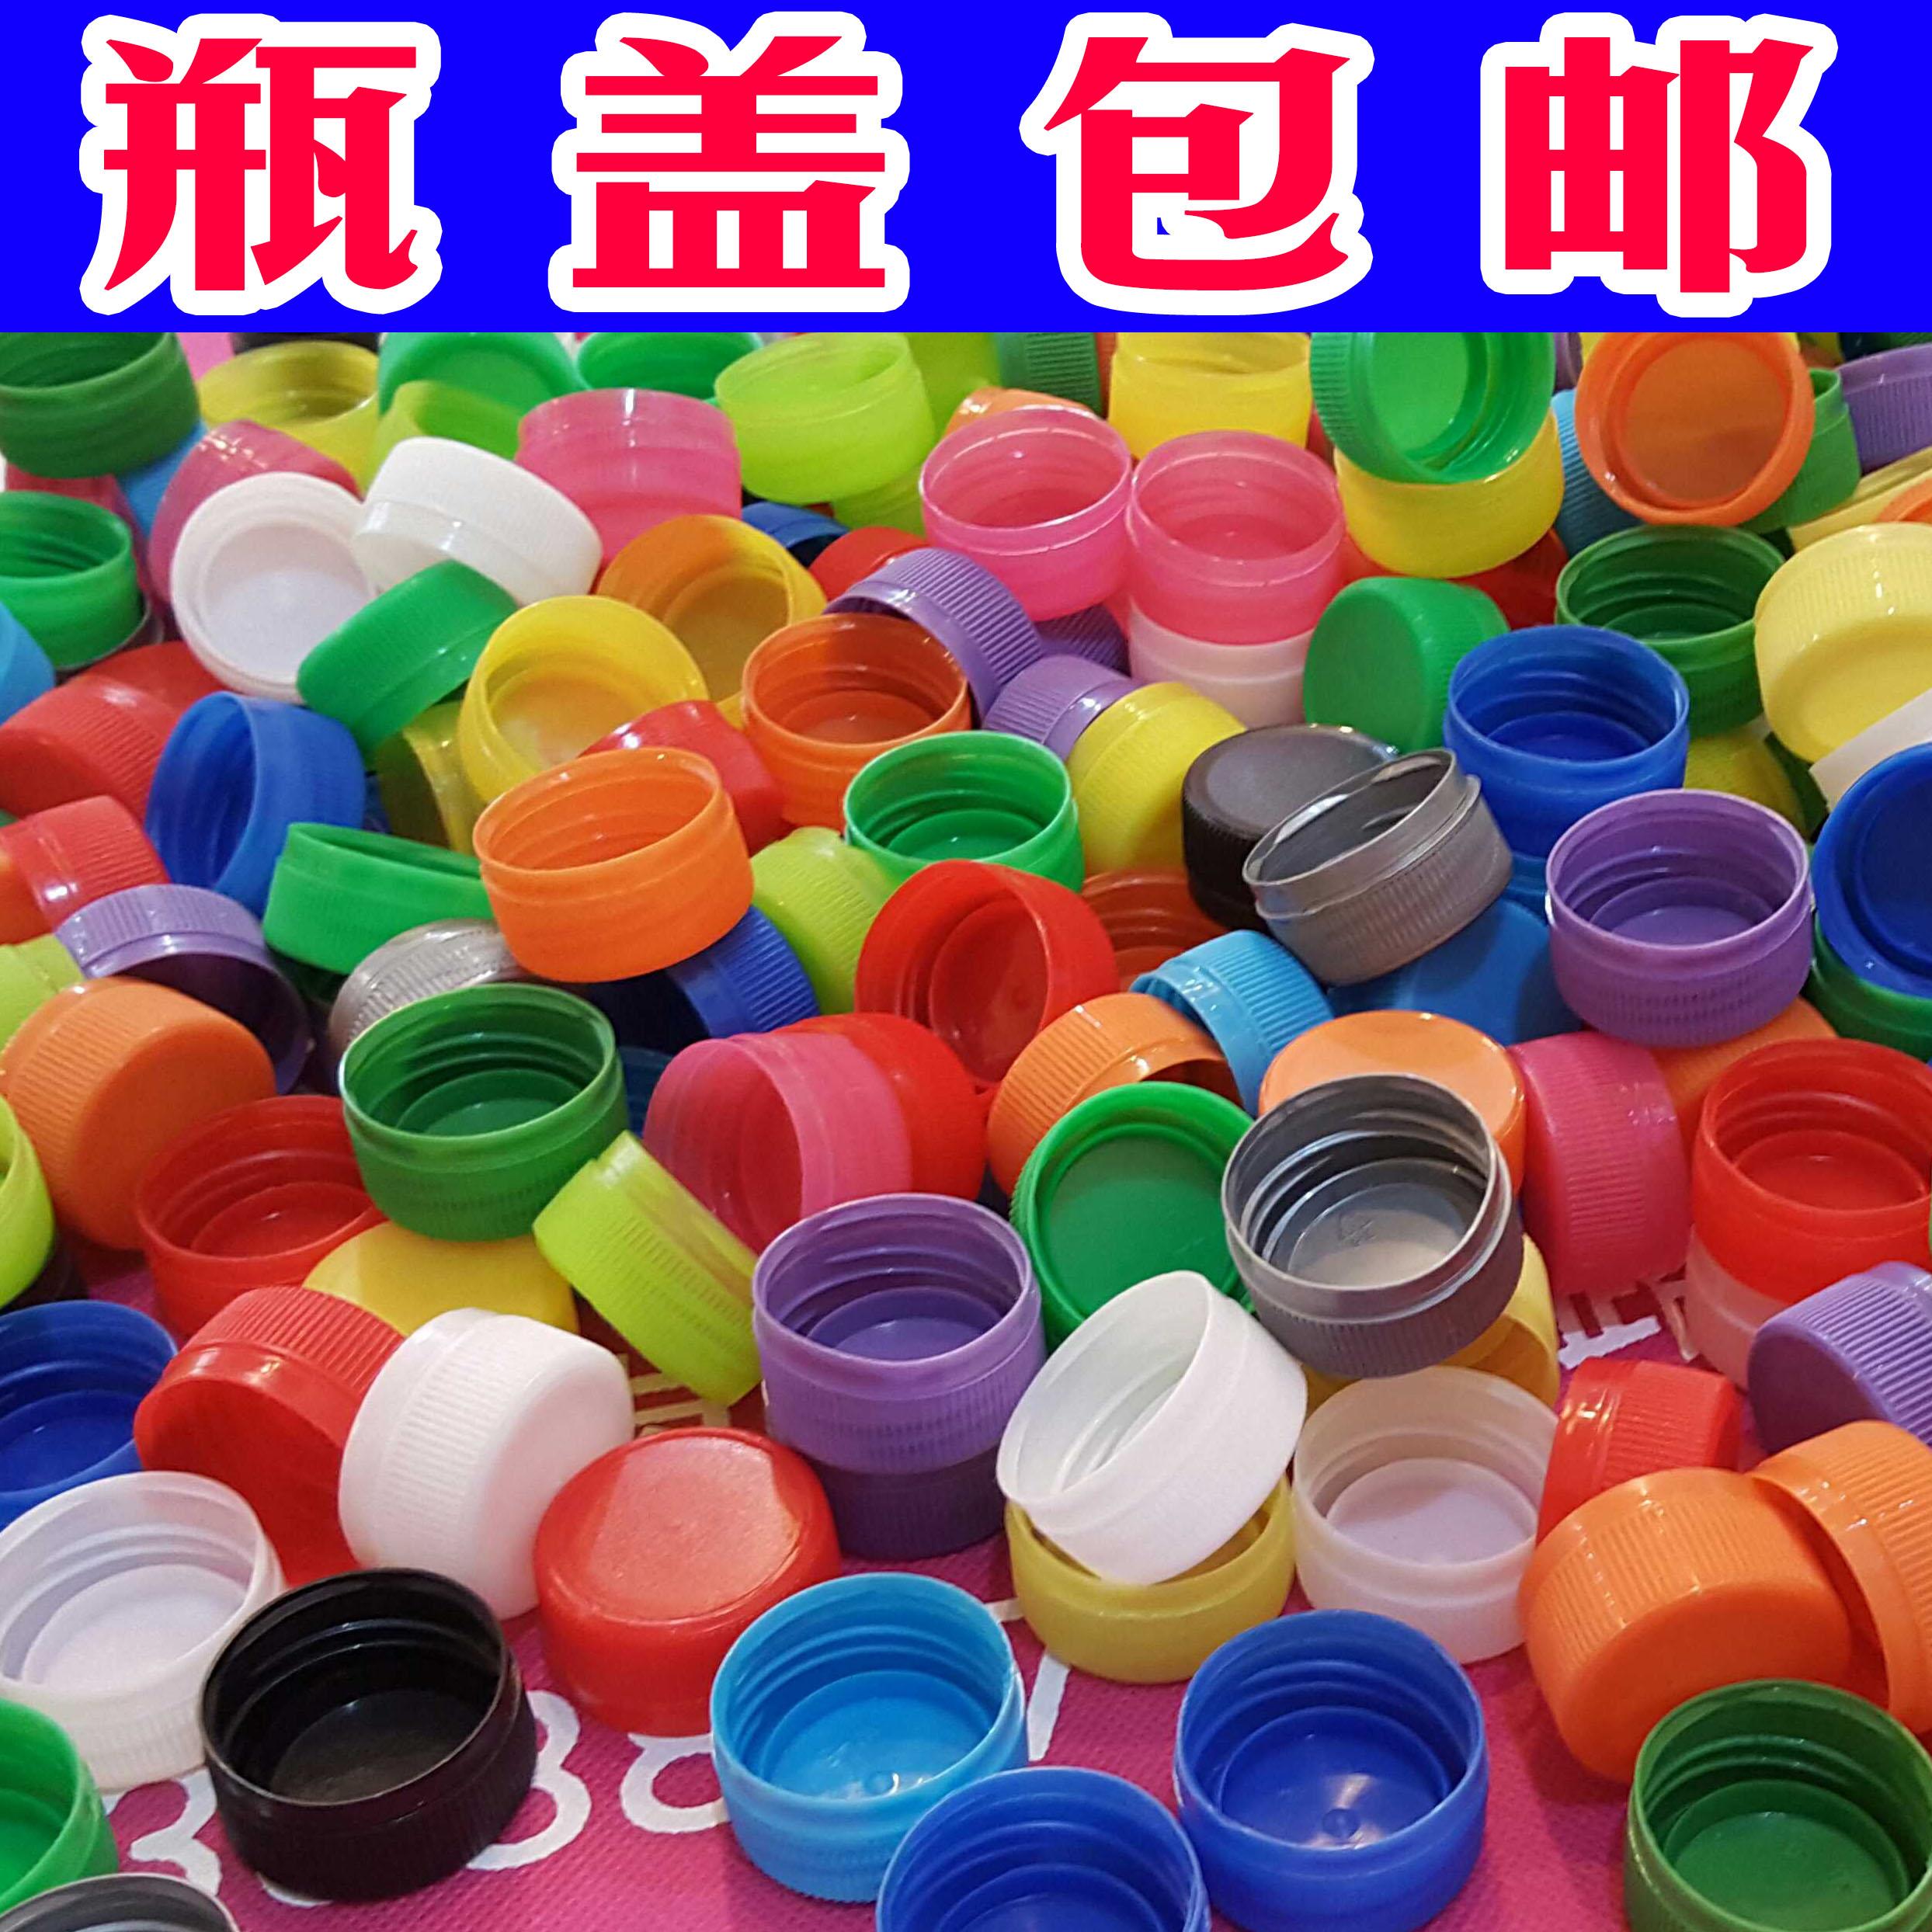 30口矿泉水瓶盖手工制作瓶盖彩色塑料盖幼儿园塑料盖包邮彩色混色